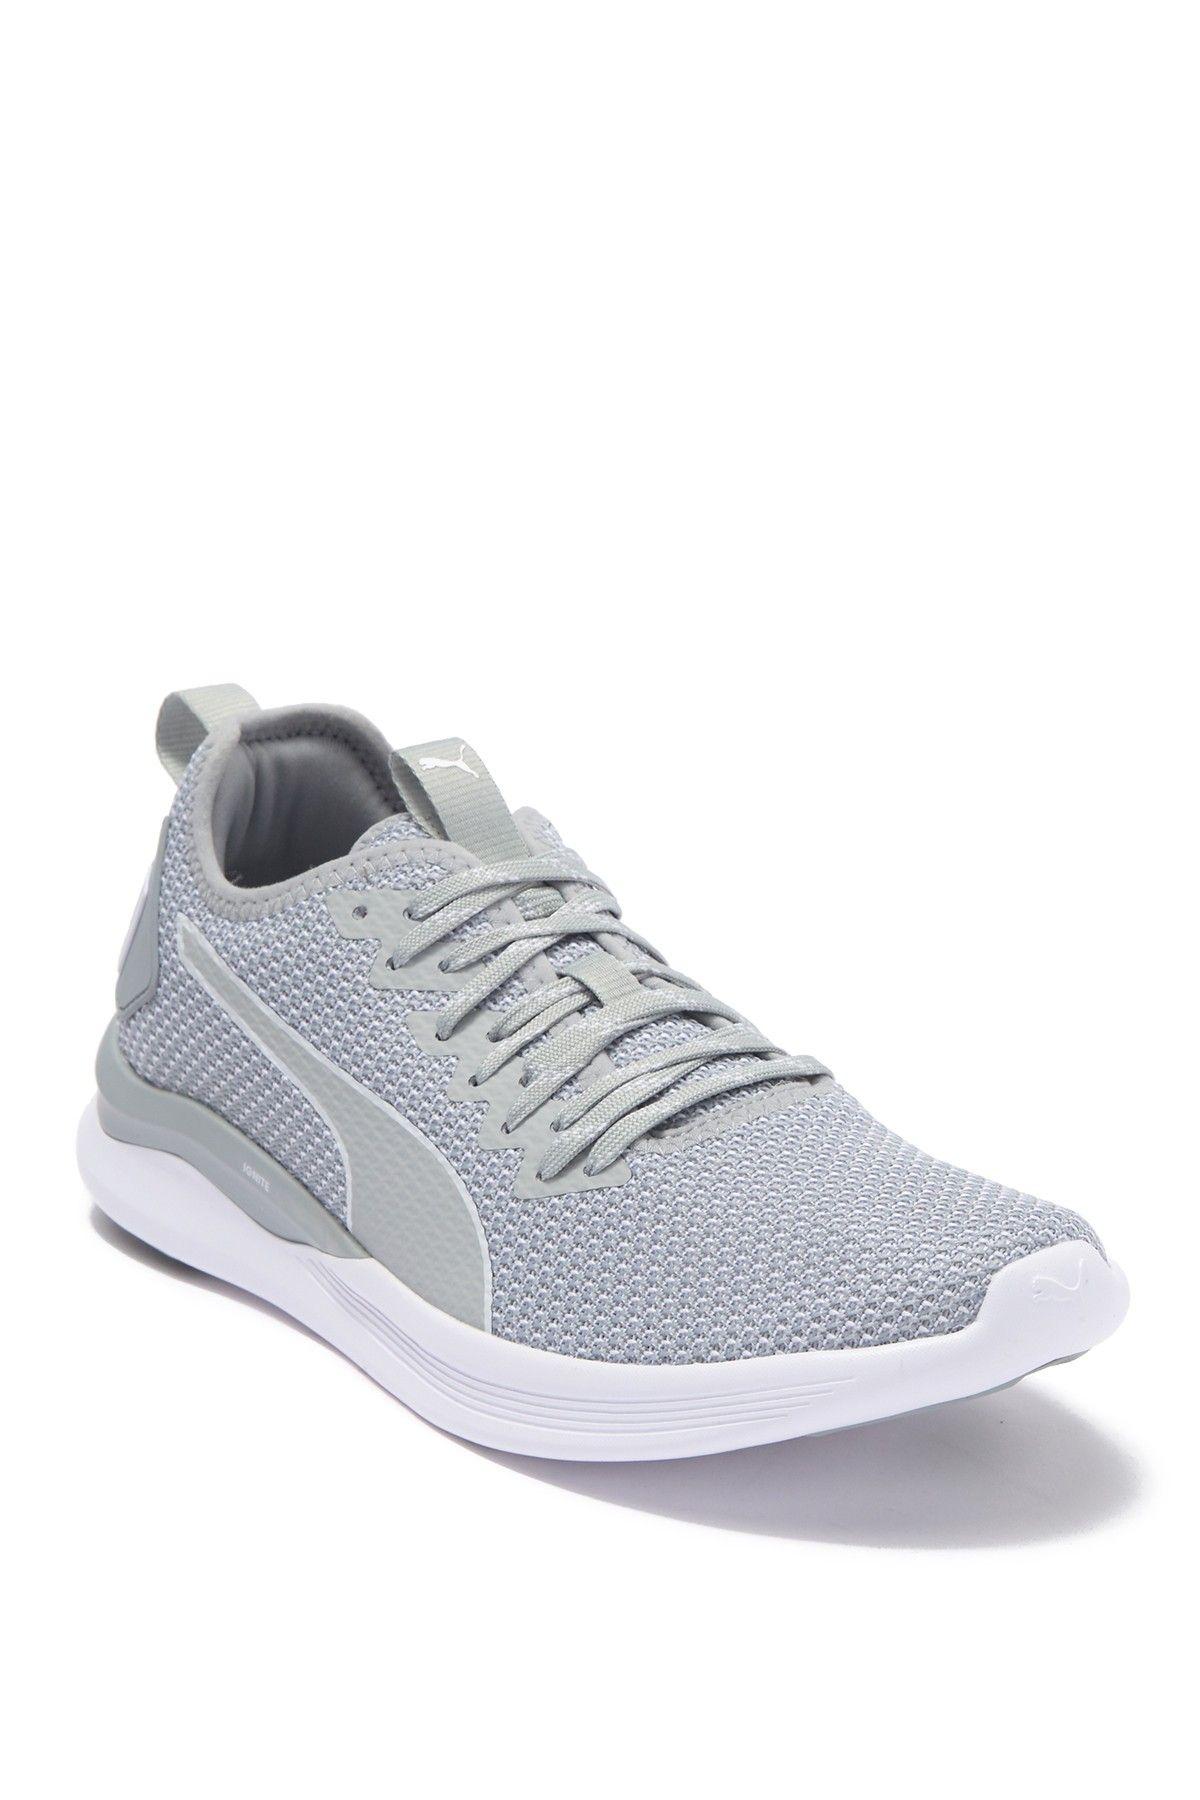 PUMA Ignite Flash FS Sneaker. #puma #shoes